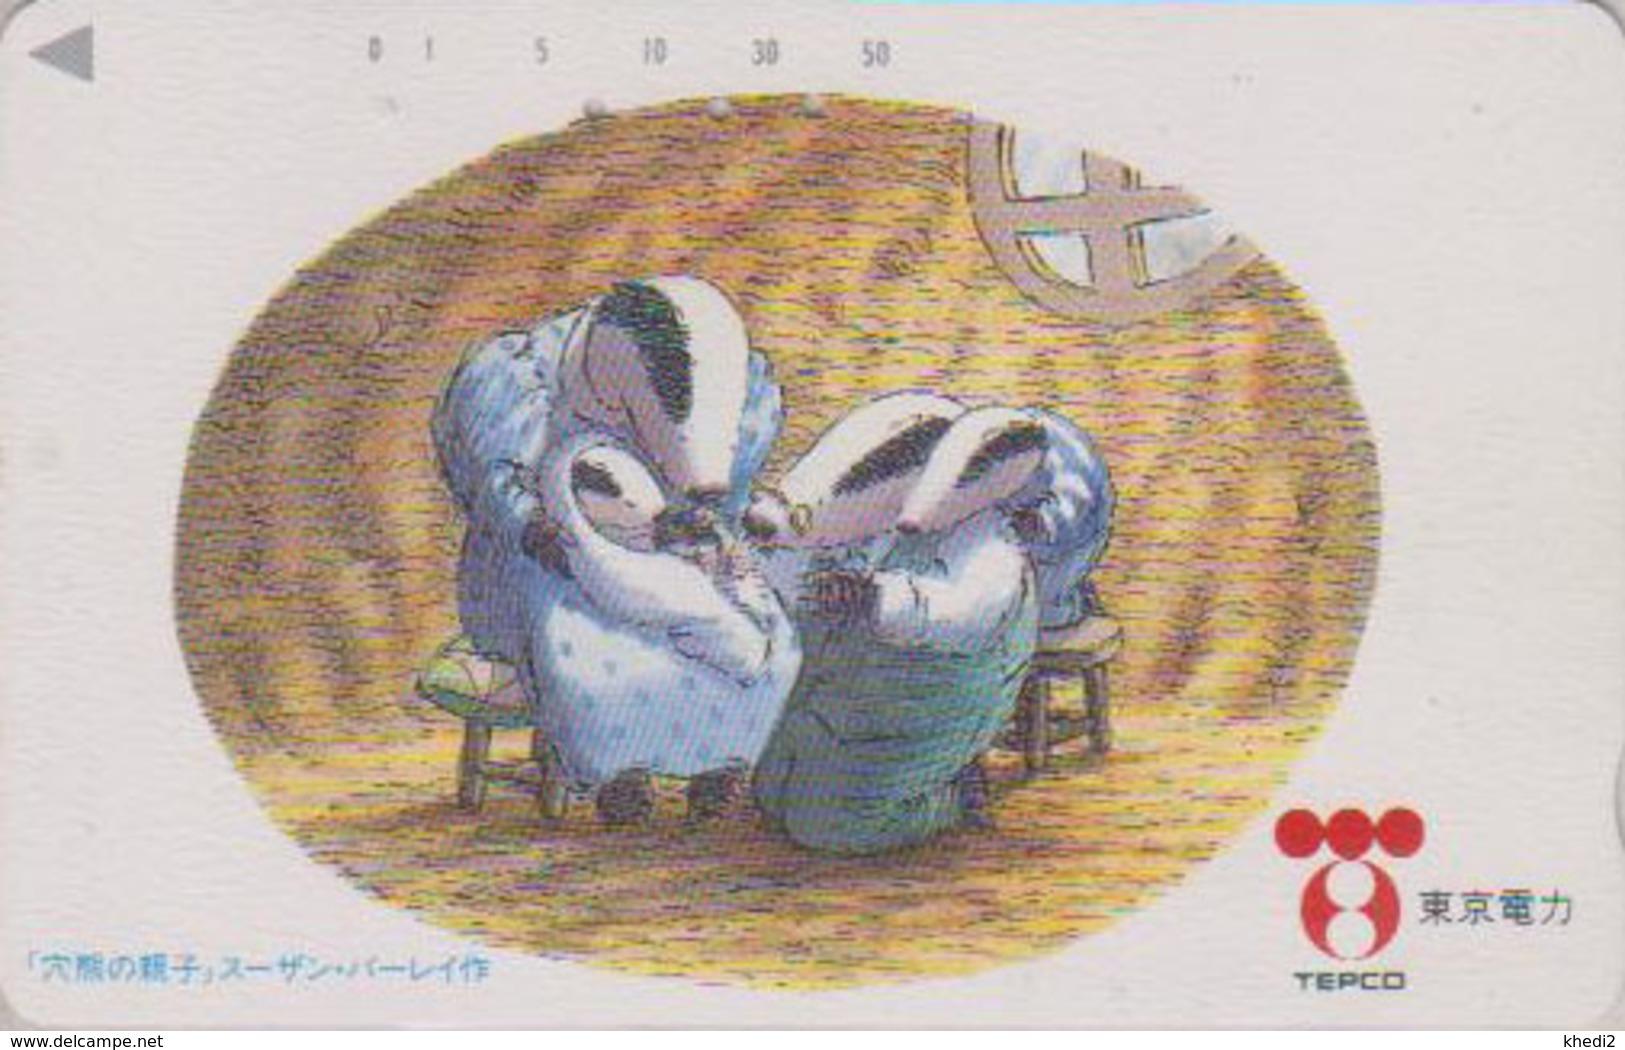 Télécarte Japon / 110-015 - Animal - BLAIREAU - Naissance ! - COMICS BADGER Japan Phonecard - DACHS 35 D - TEPCO 174 - Comics